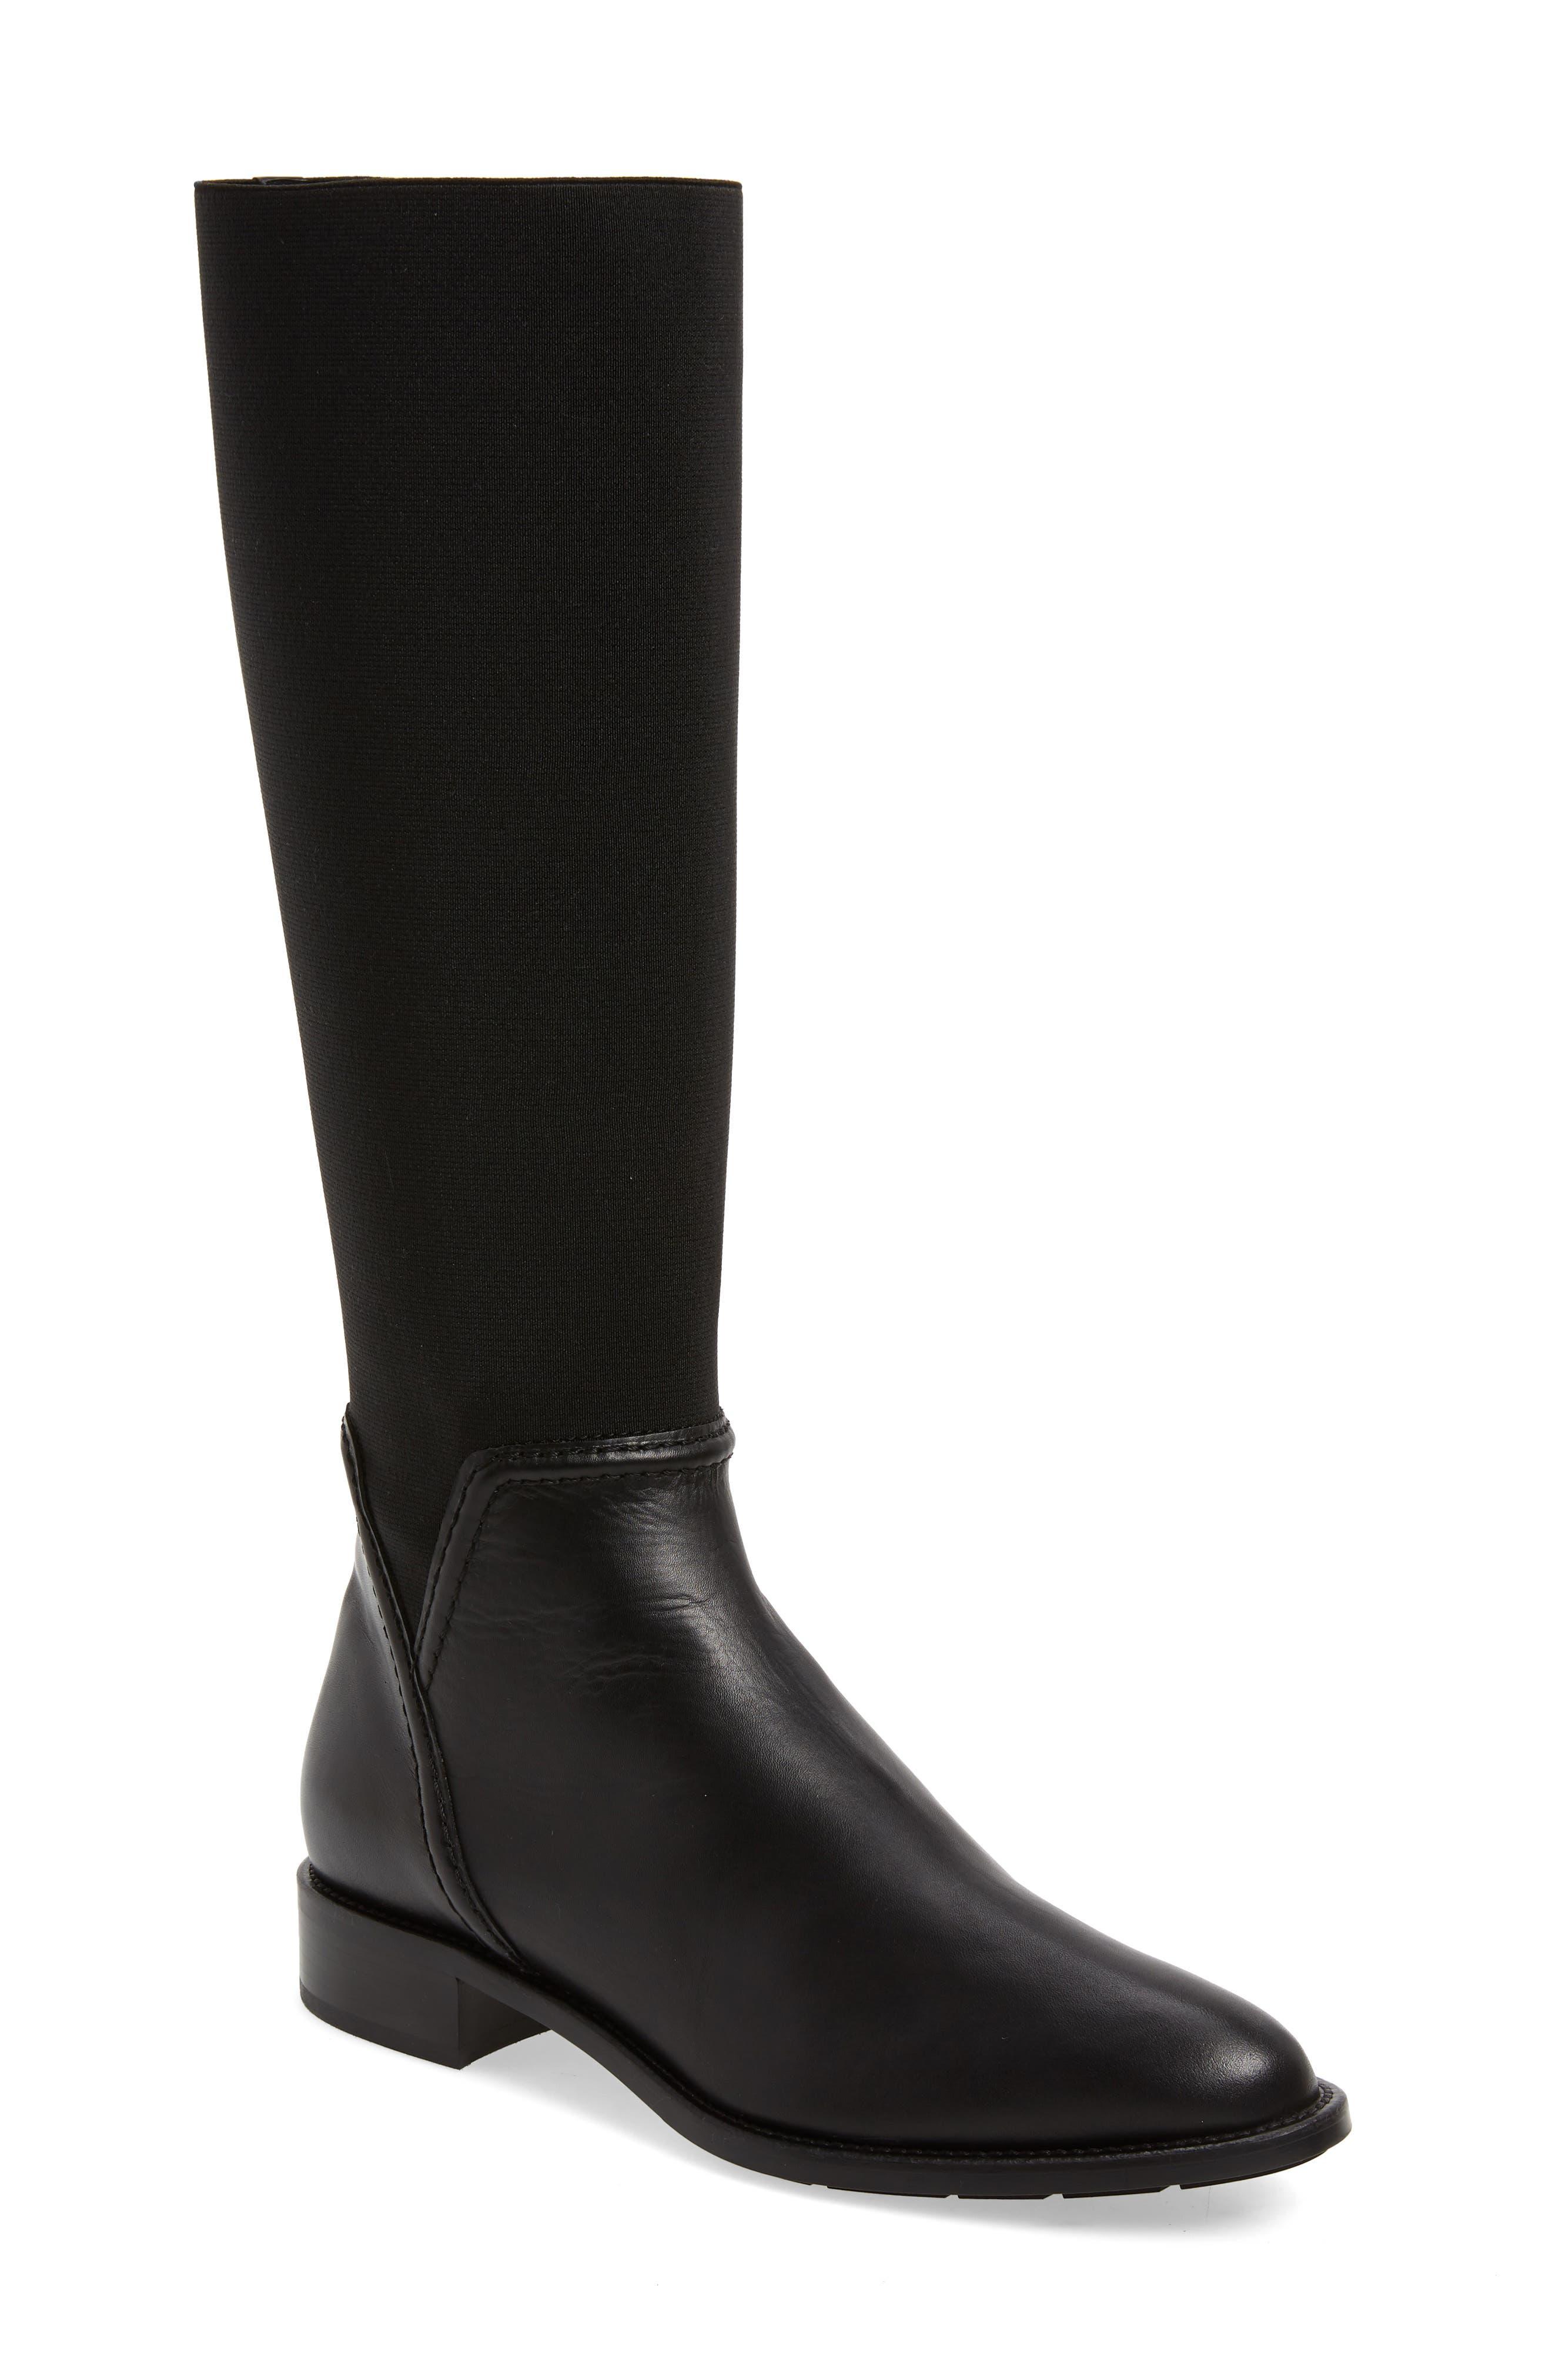 Aquatalia Nanina Water Resistant Riding Boot, Black